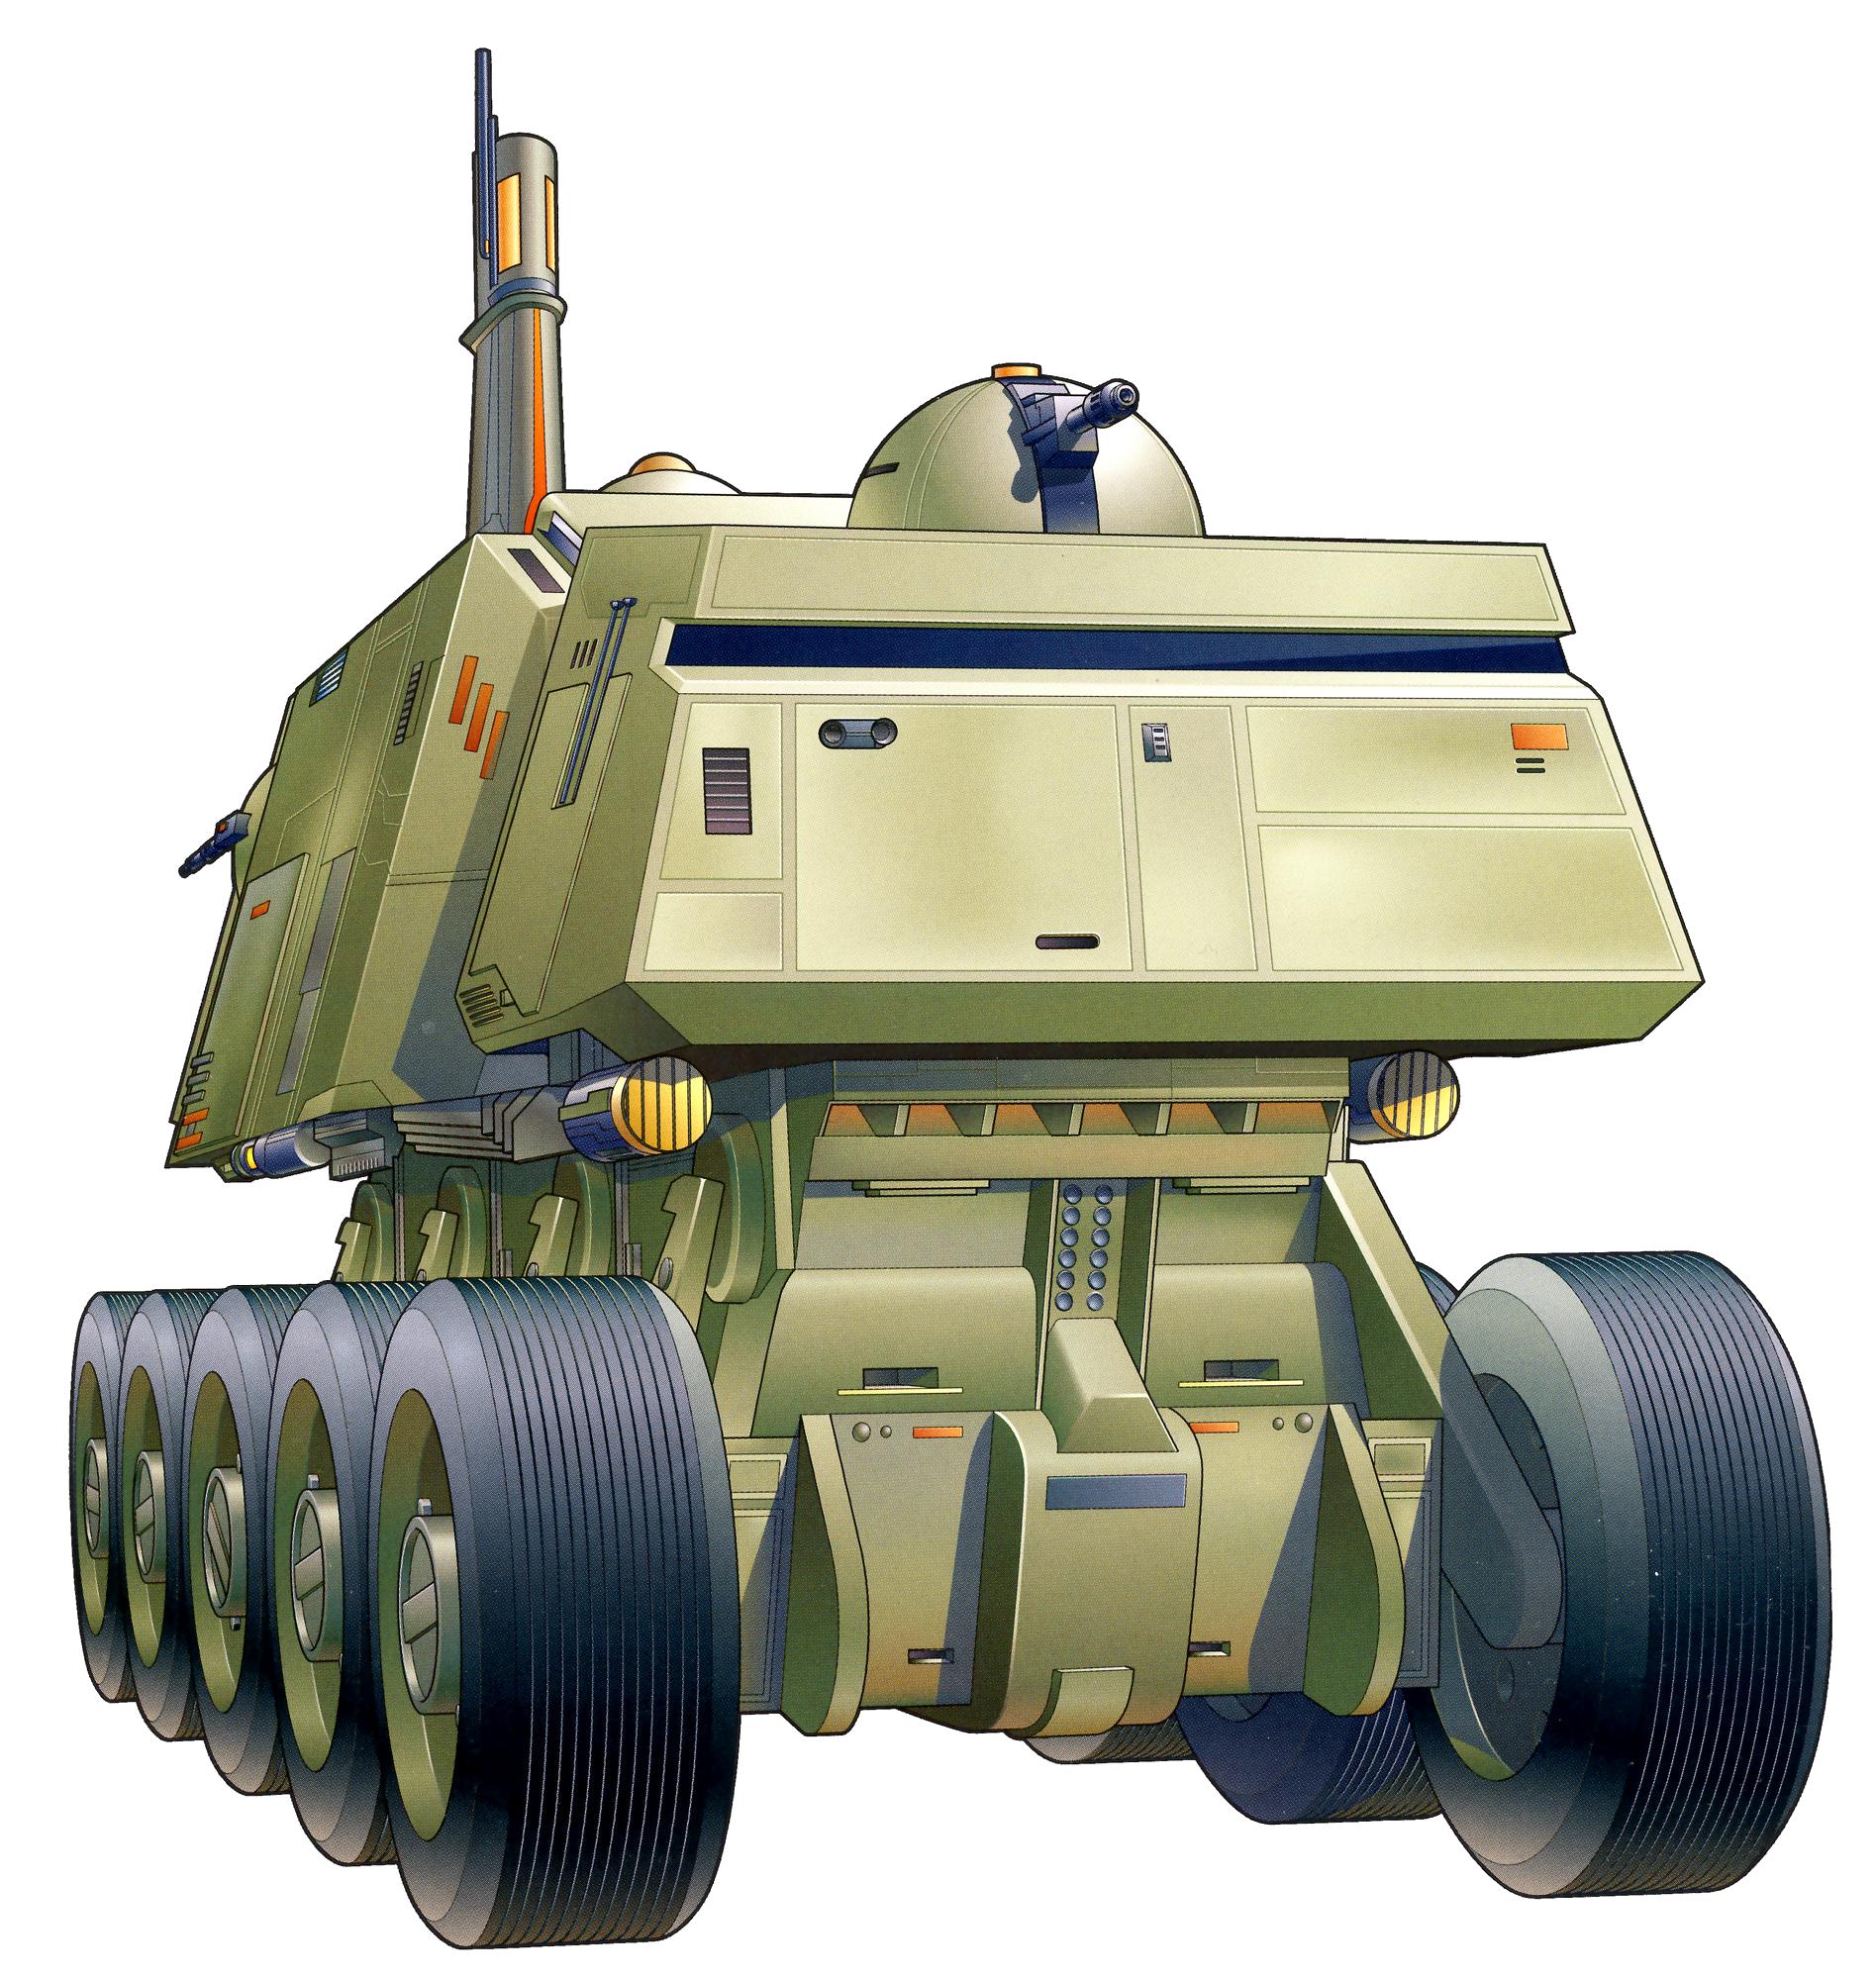 HAVw Juggernaut A5